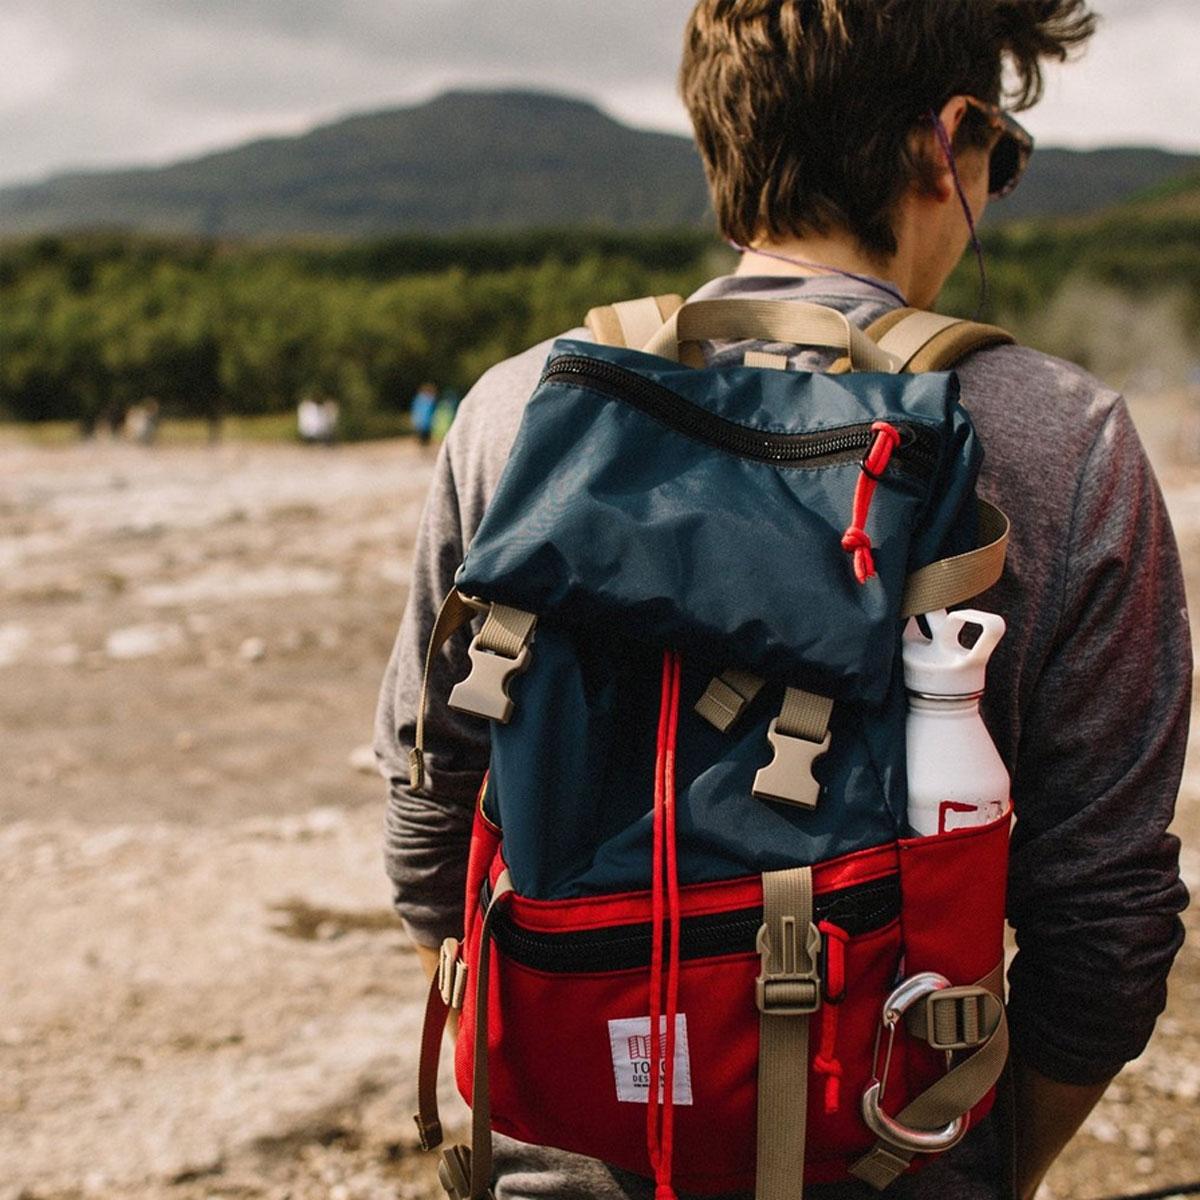 Topo Designs Rover Pack Navy/Red, tijdloze rugzak met moderne functionaliteiten voor dagelijks gebruik